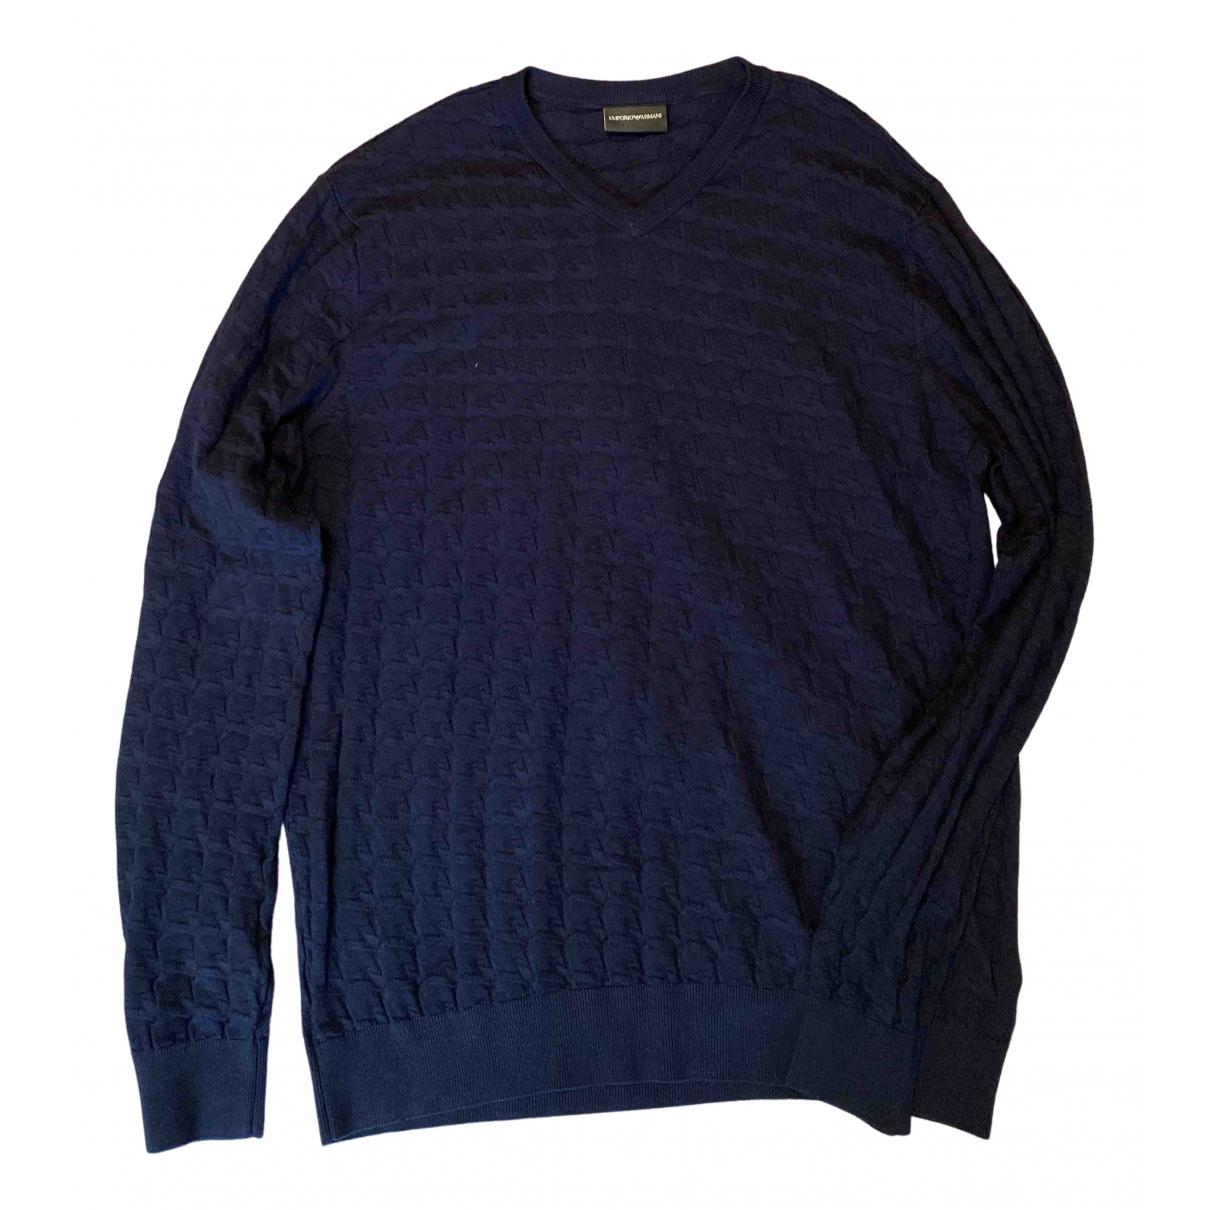 Emporio Armani - Pulls.Gilets.Sweats   pour homme - bleu